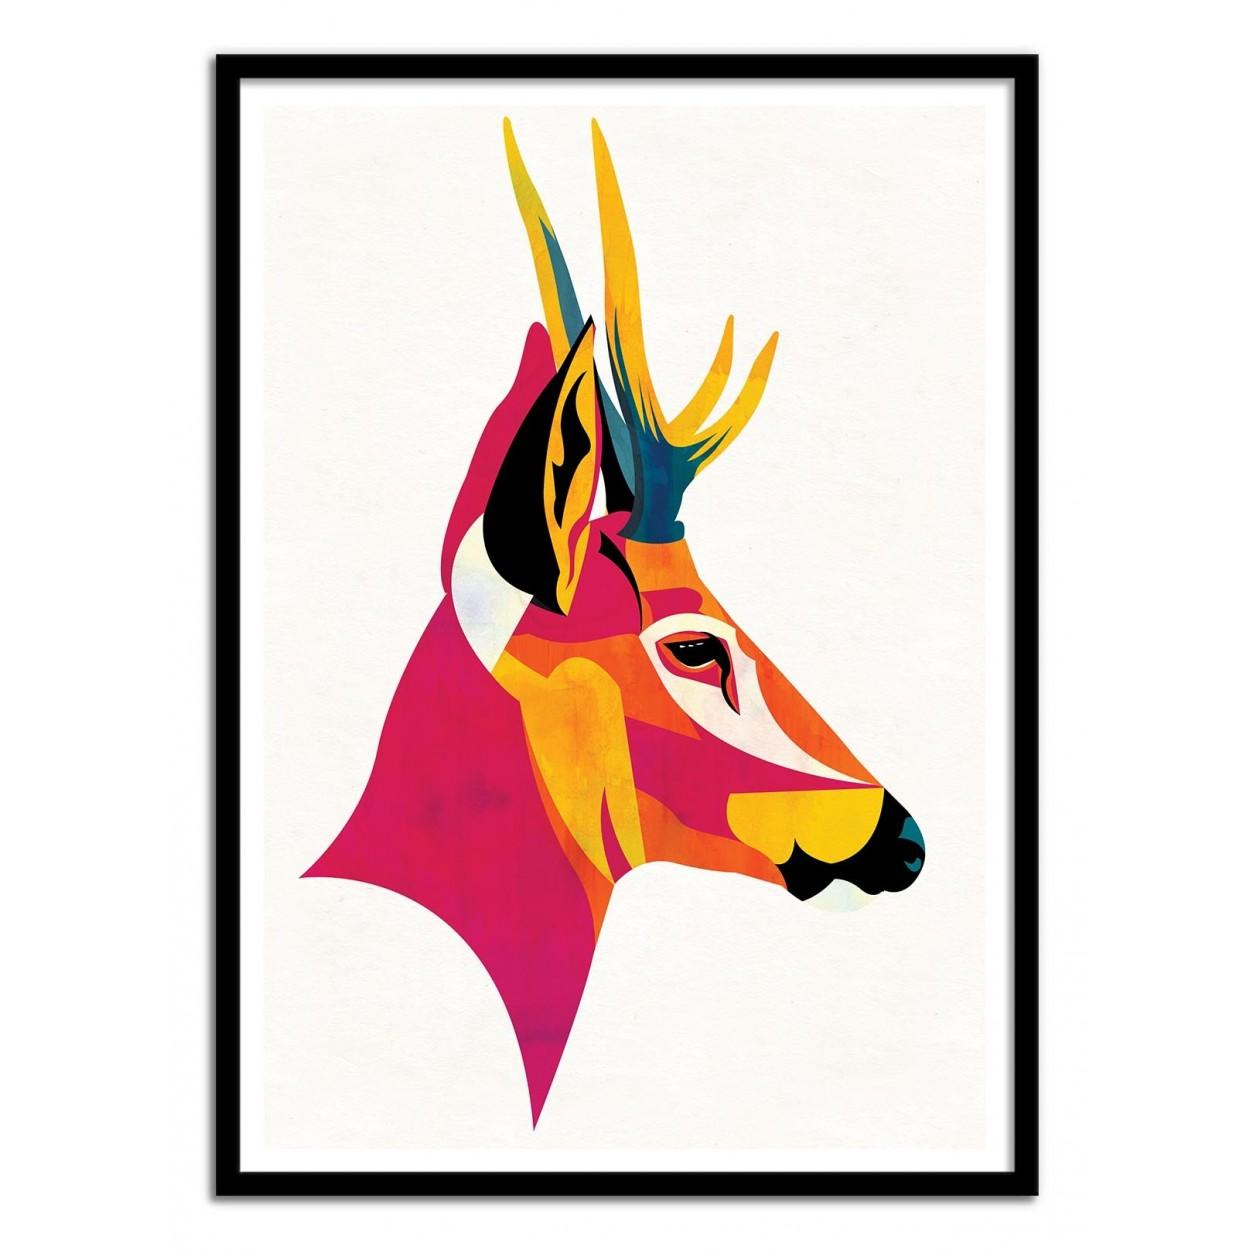 illustration art poster frame paint graphic portrait huemul stag. Black Bedroom Furniture Sets. Home Design Ideas